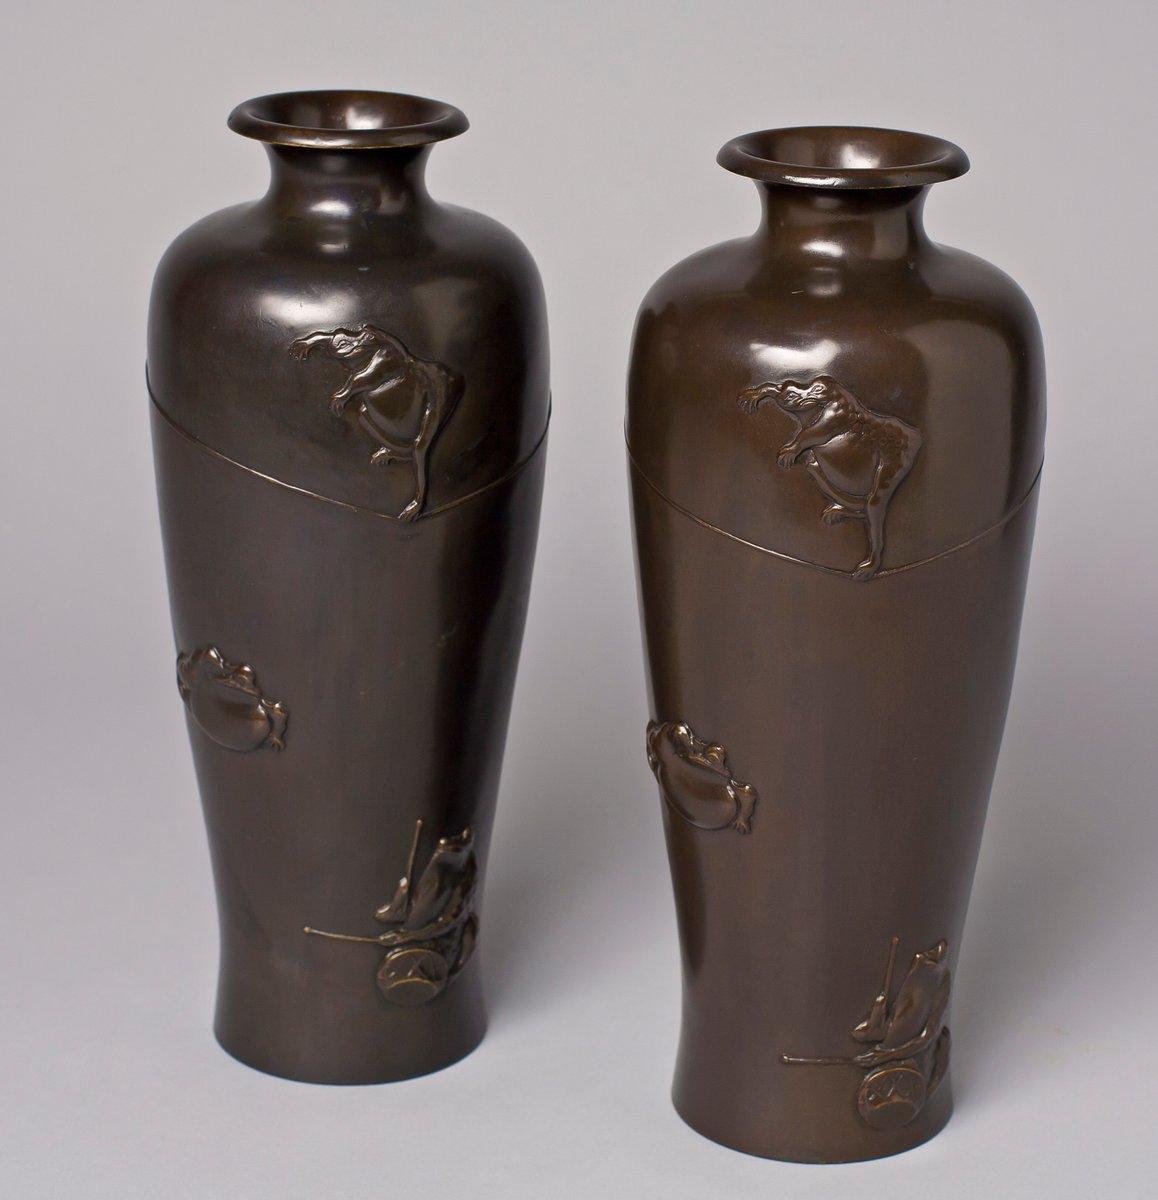 japanische messing vasen mit darstellung vorf hrender fr sche 2er set bei pamono kaufen. Black Bedroom Furniture Sets. Home Design Ideas